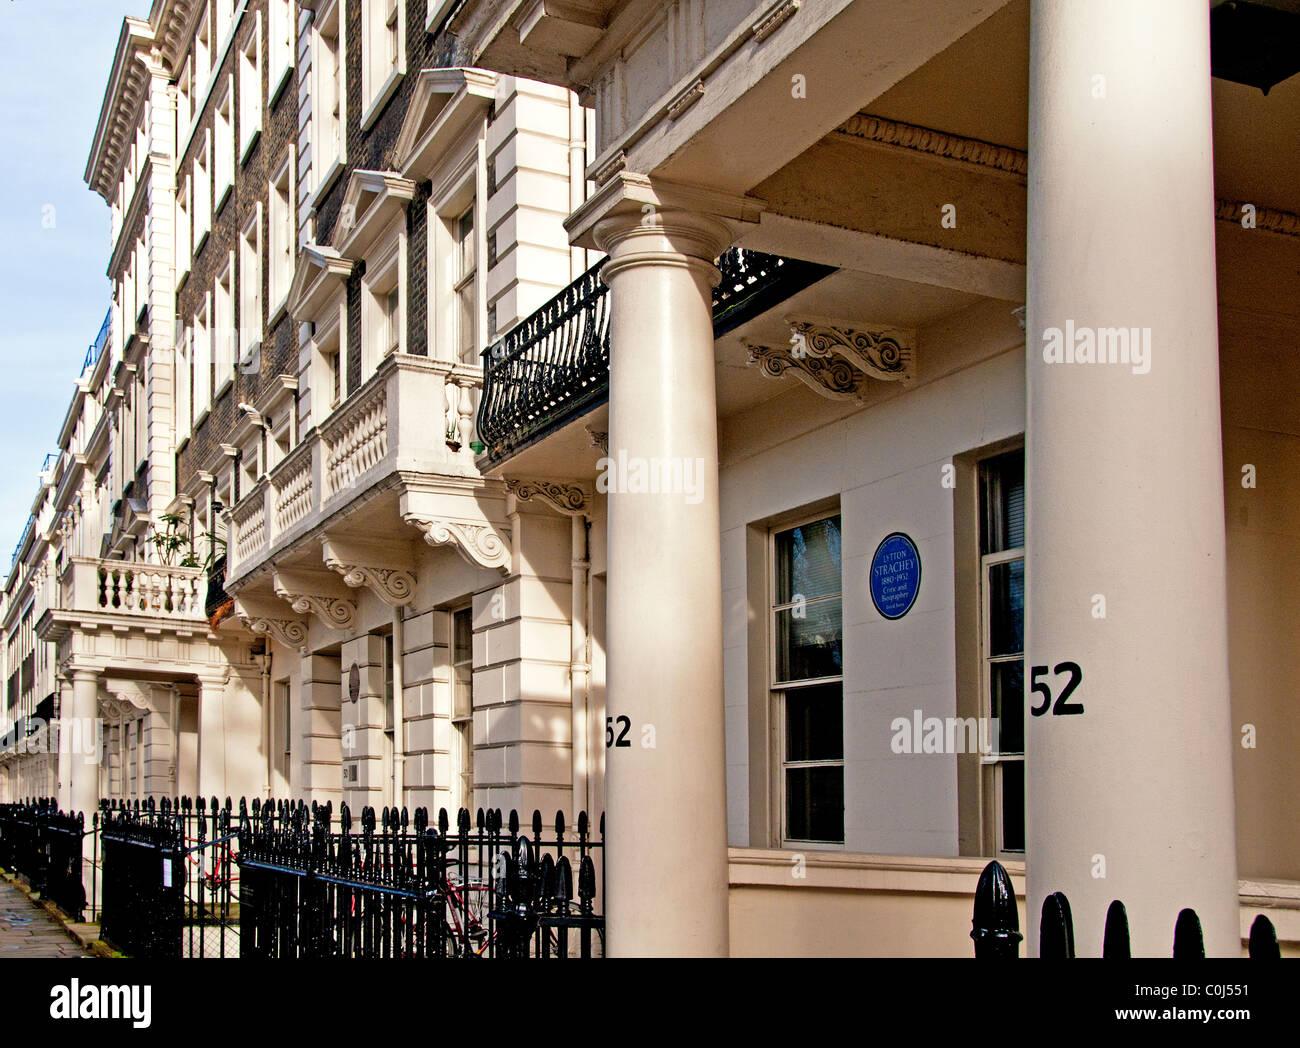 Maisons à Bloomsbury, Londres; Häuserzeile à Londres, Gordon Square (Bloomsbury) Banque D'Images